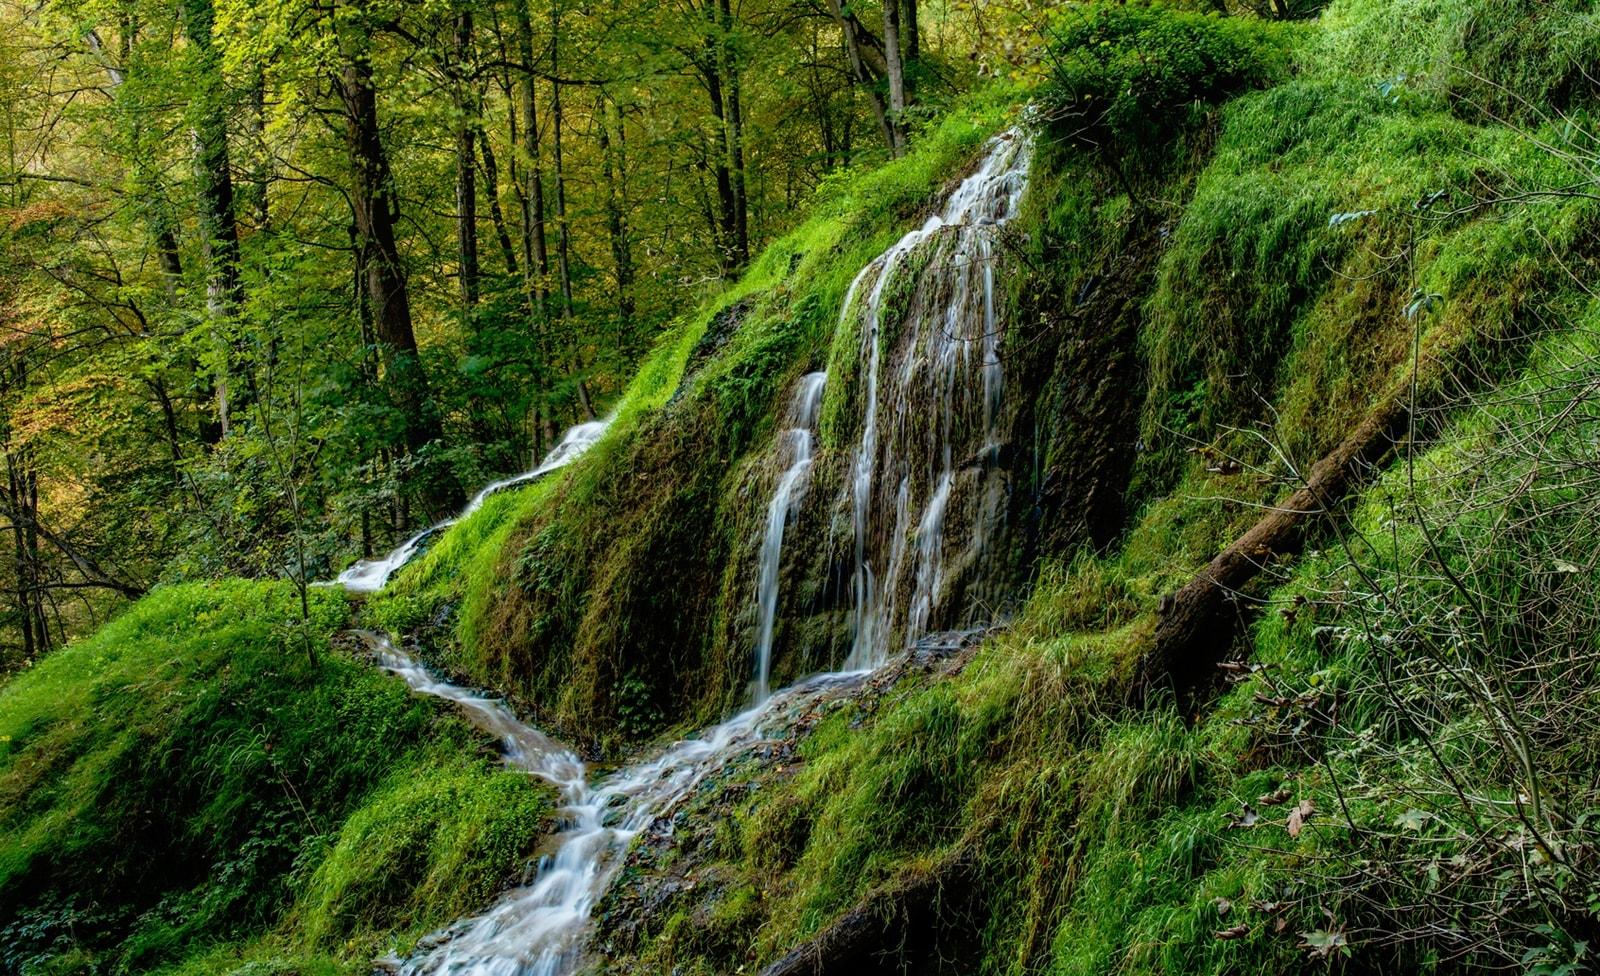 Wasserfall bei Bad Urach